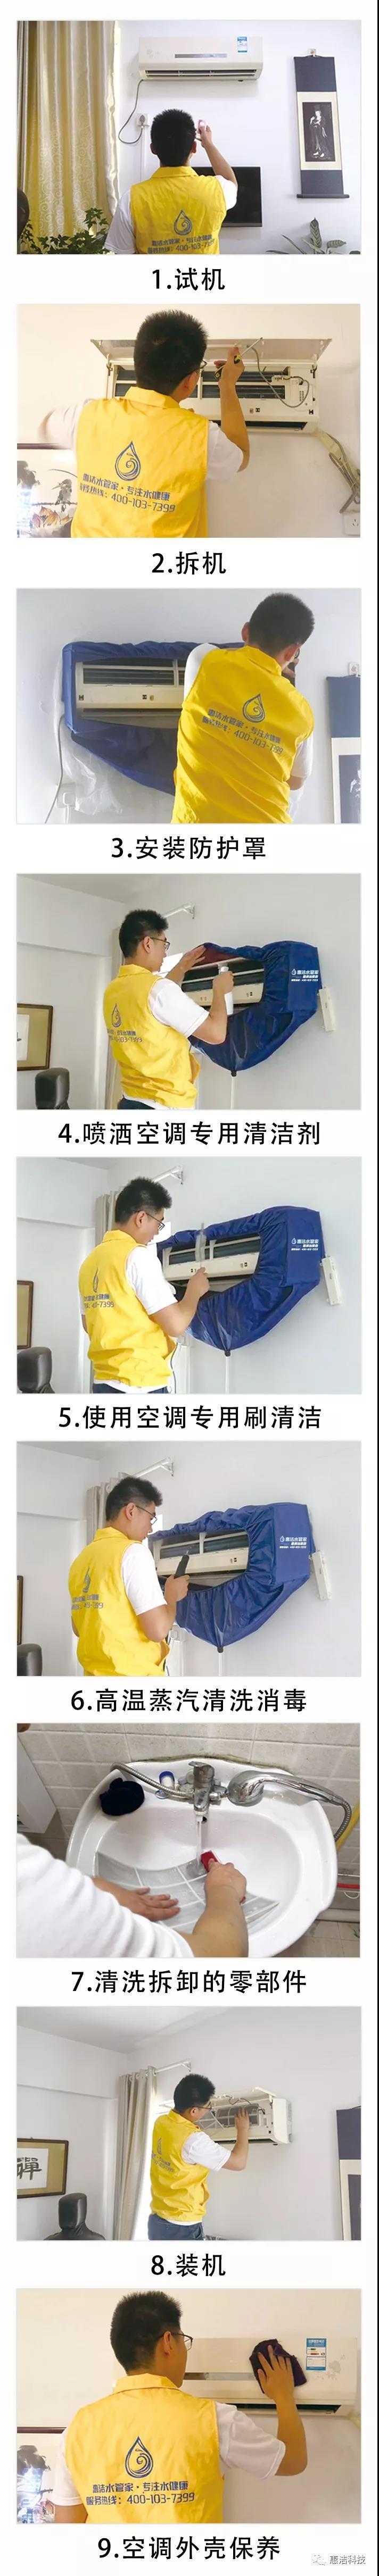 空调深度清洗流程